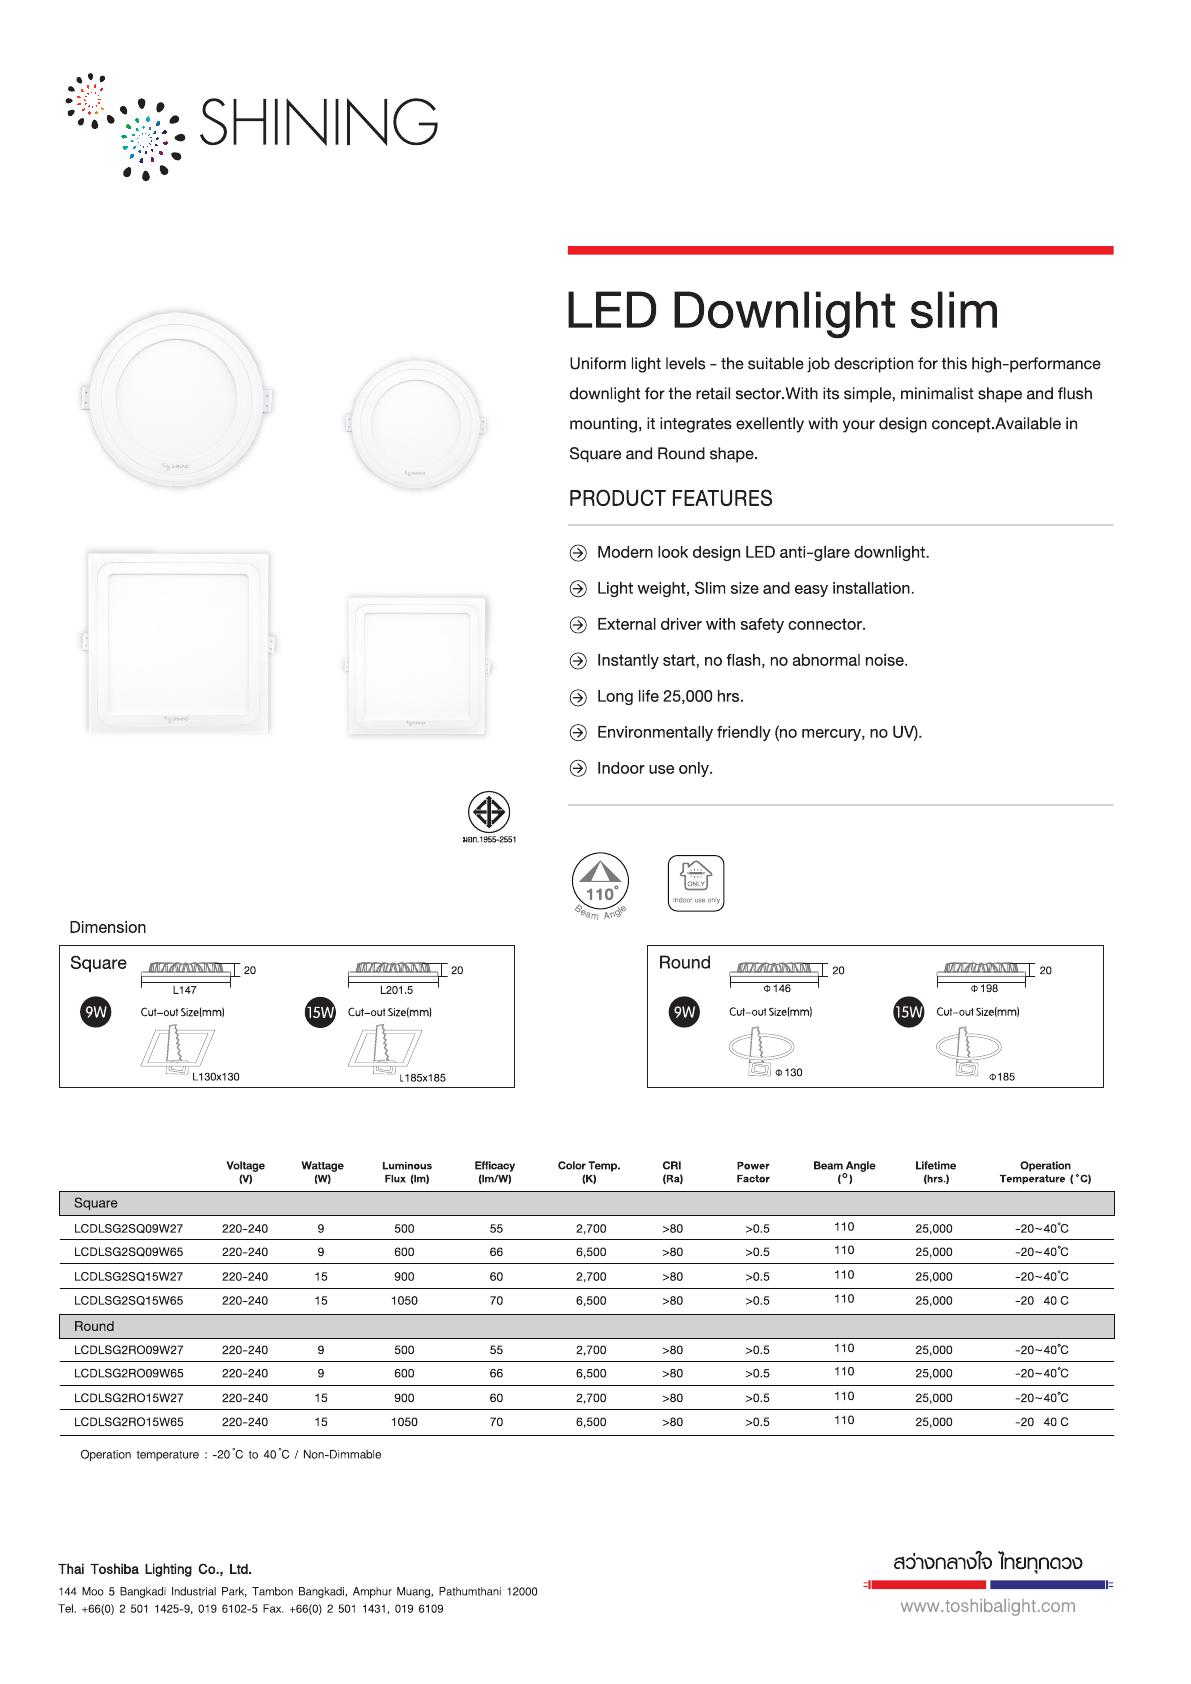 หลอดไฟ LED Downlight เหลี่ยม 15 วัตต์ Gen2